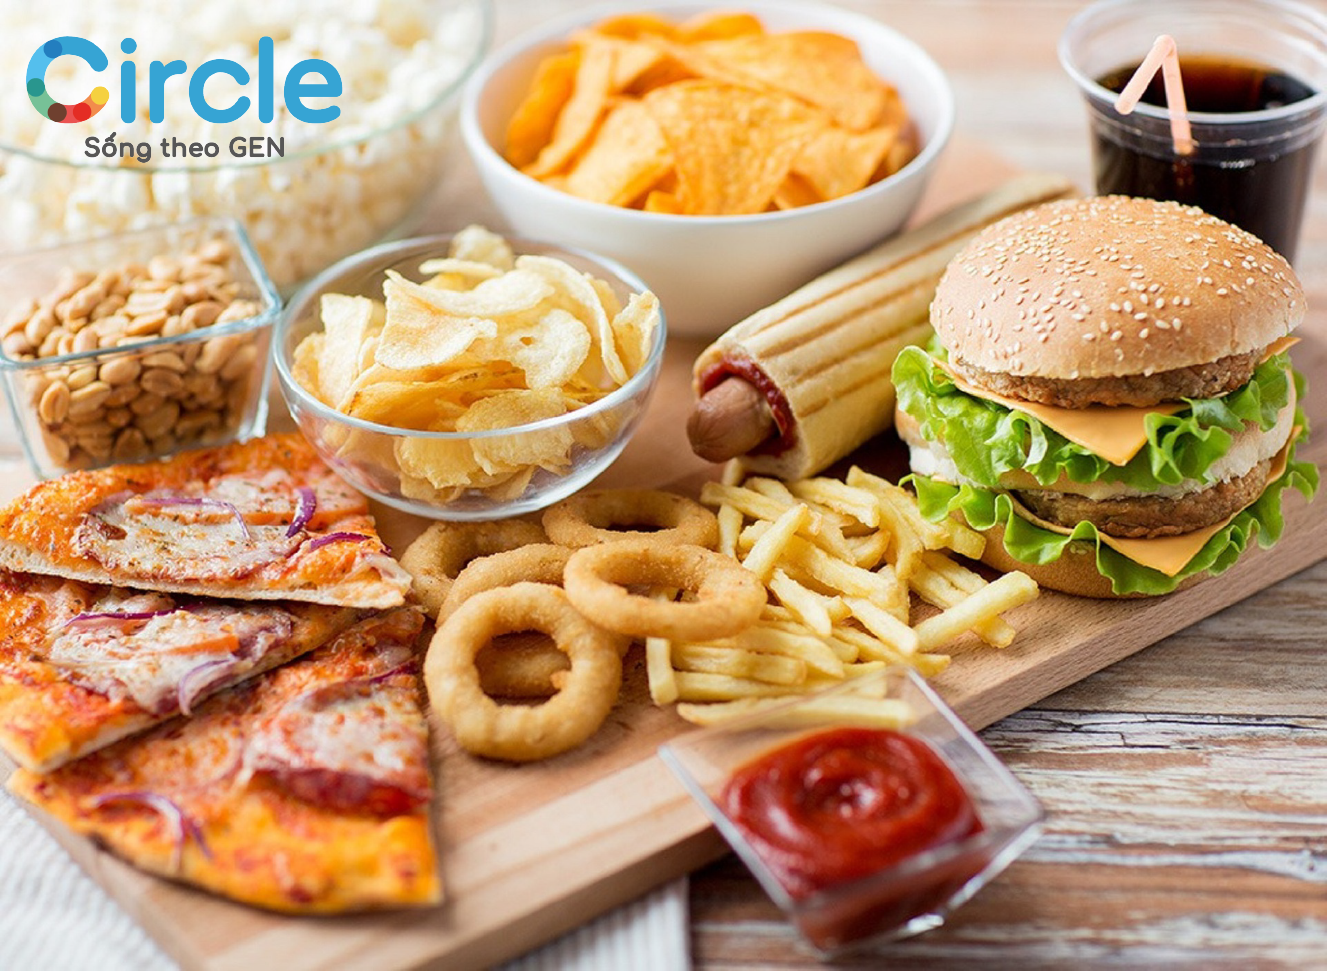 Nói không với thức ăn nhanh nếu không muốn thừa cân và giảm số đo ba vòng